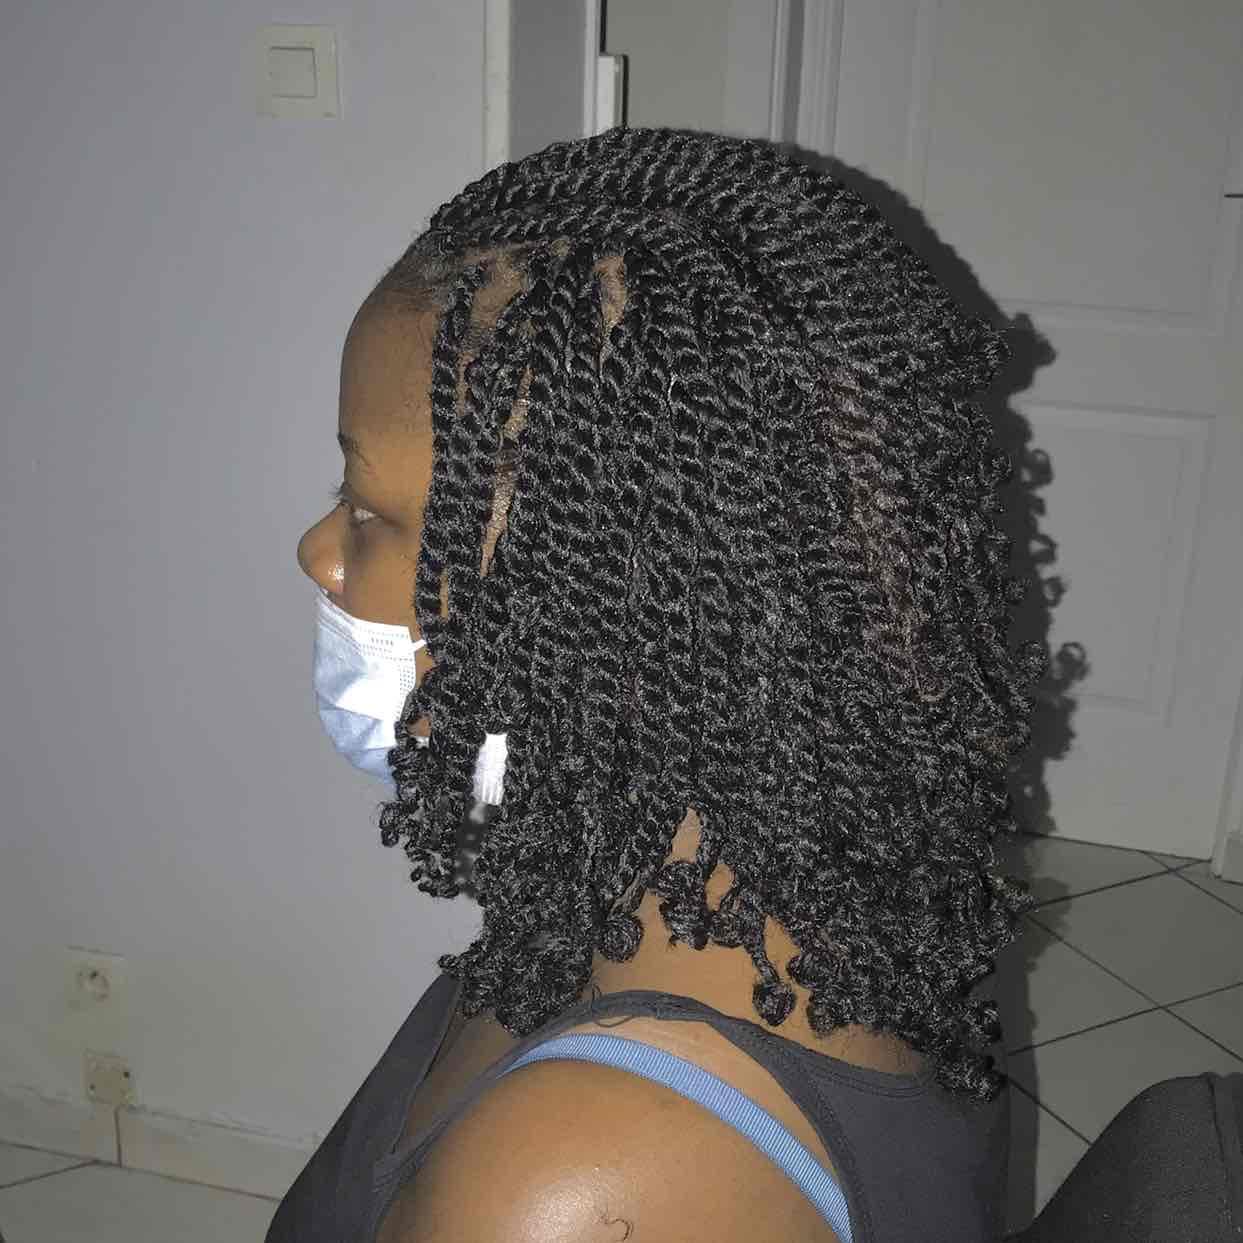 salon de coiffure afro tresse tresses box braids crochet braids vanilles tissages paris 75 77 78 91 92 93 94 95 GZLVZAHE